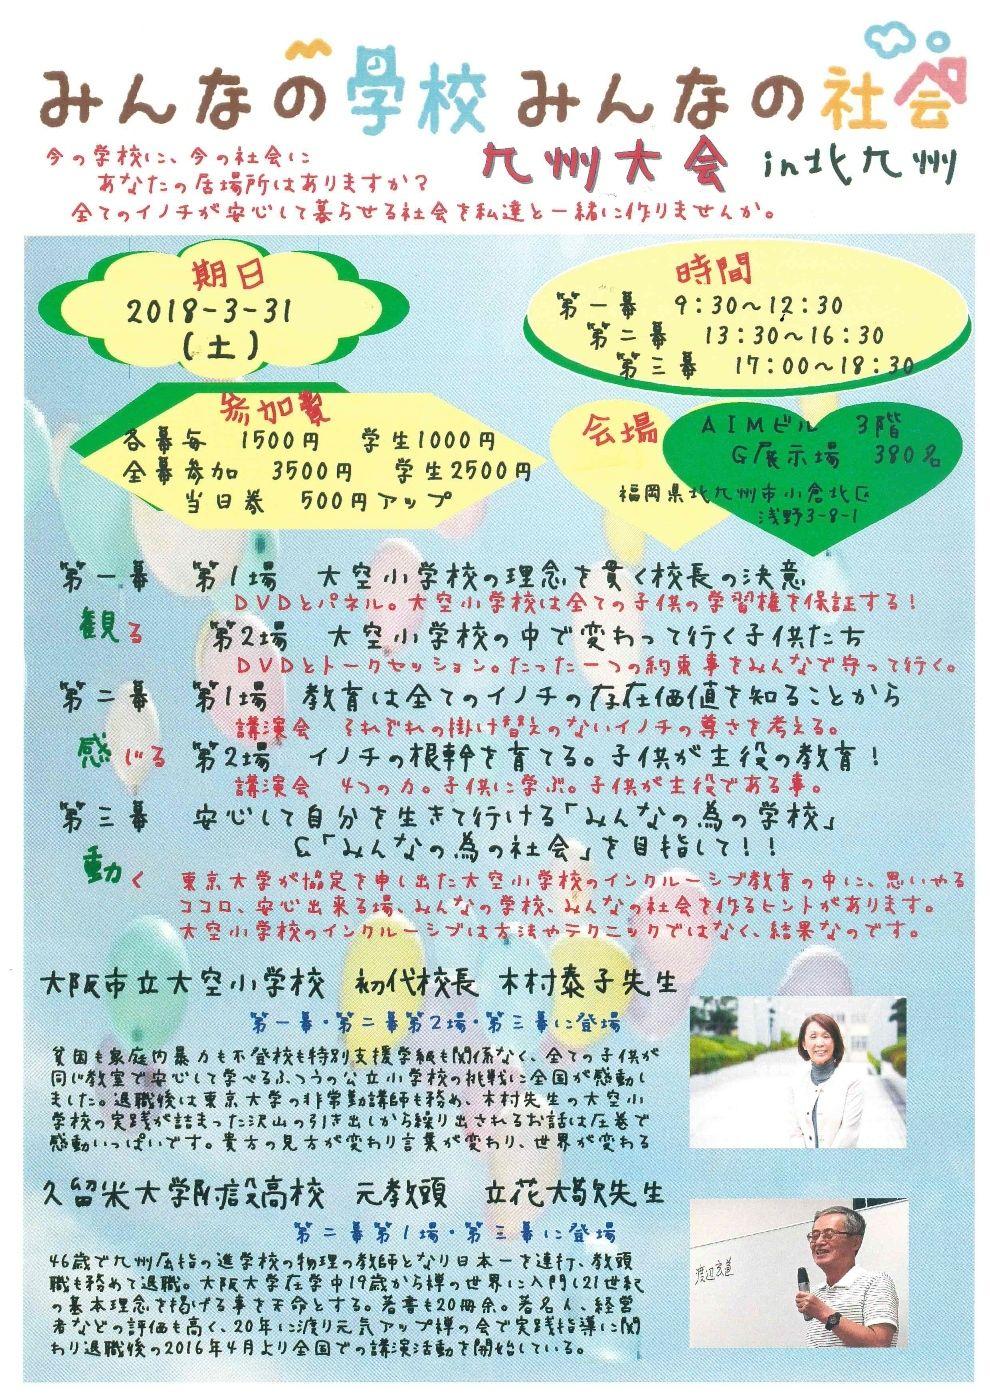 第一幕 みんなの学校 みんなの社会 九州大会 in北九州